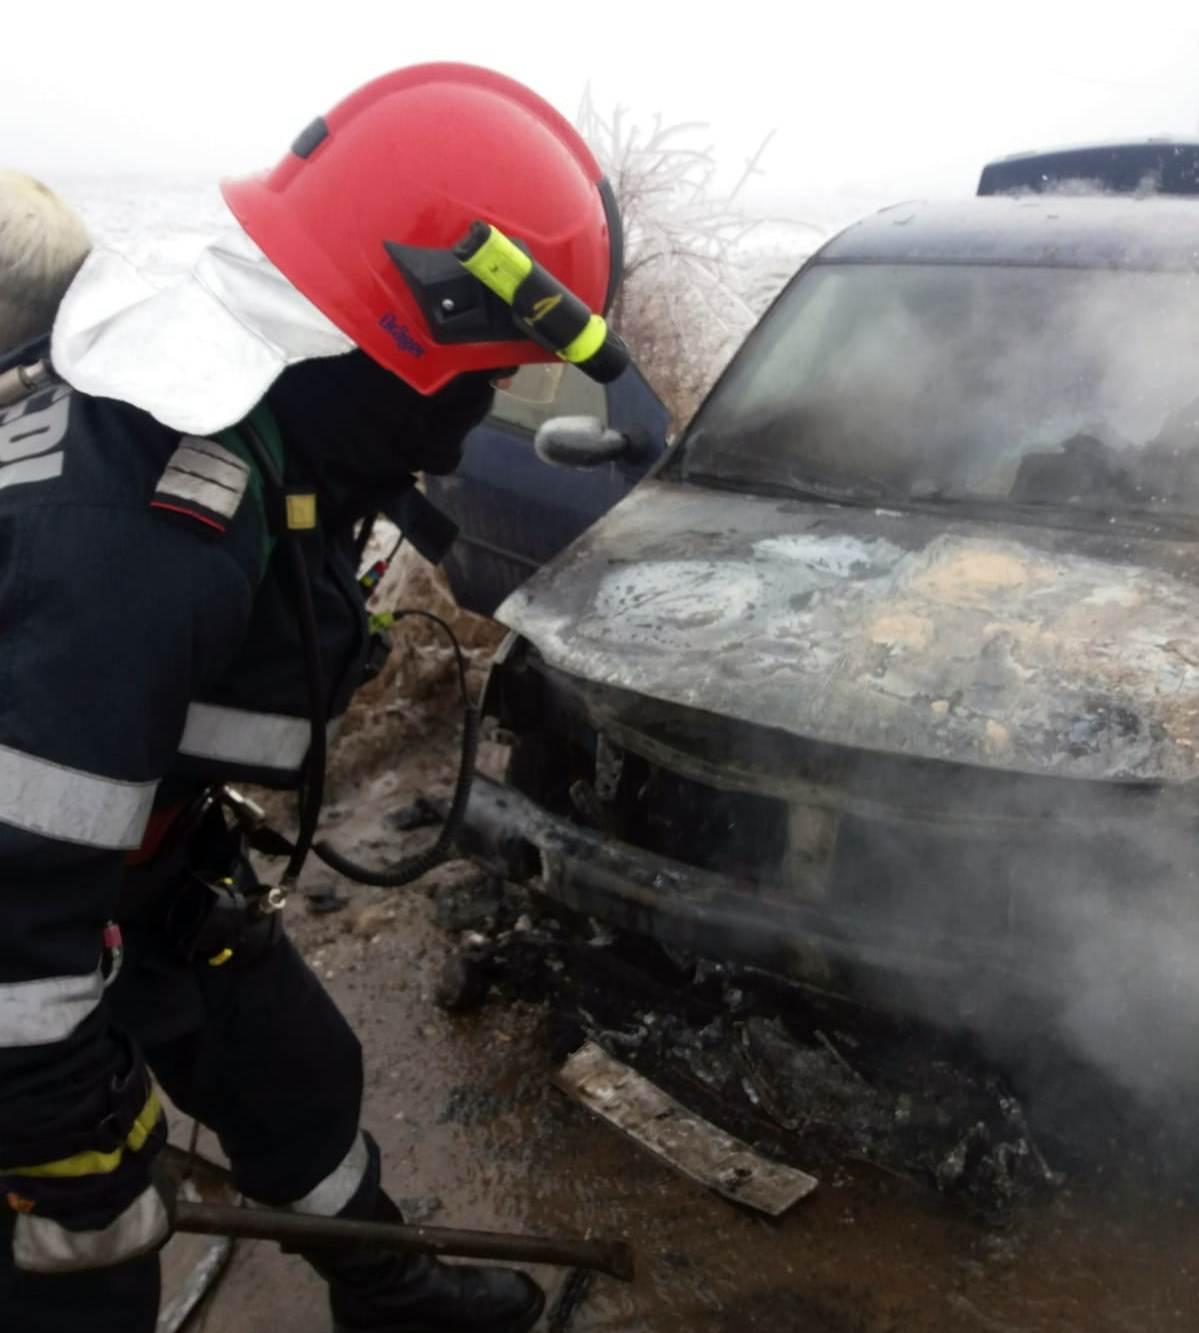 Autoturism în flăcări, la Videle. Un scurtcircuit ar fi provocat incendiului